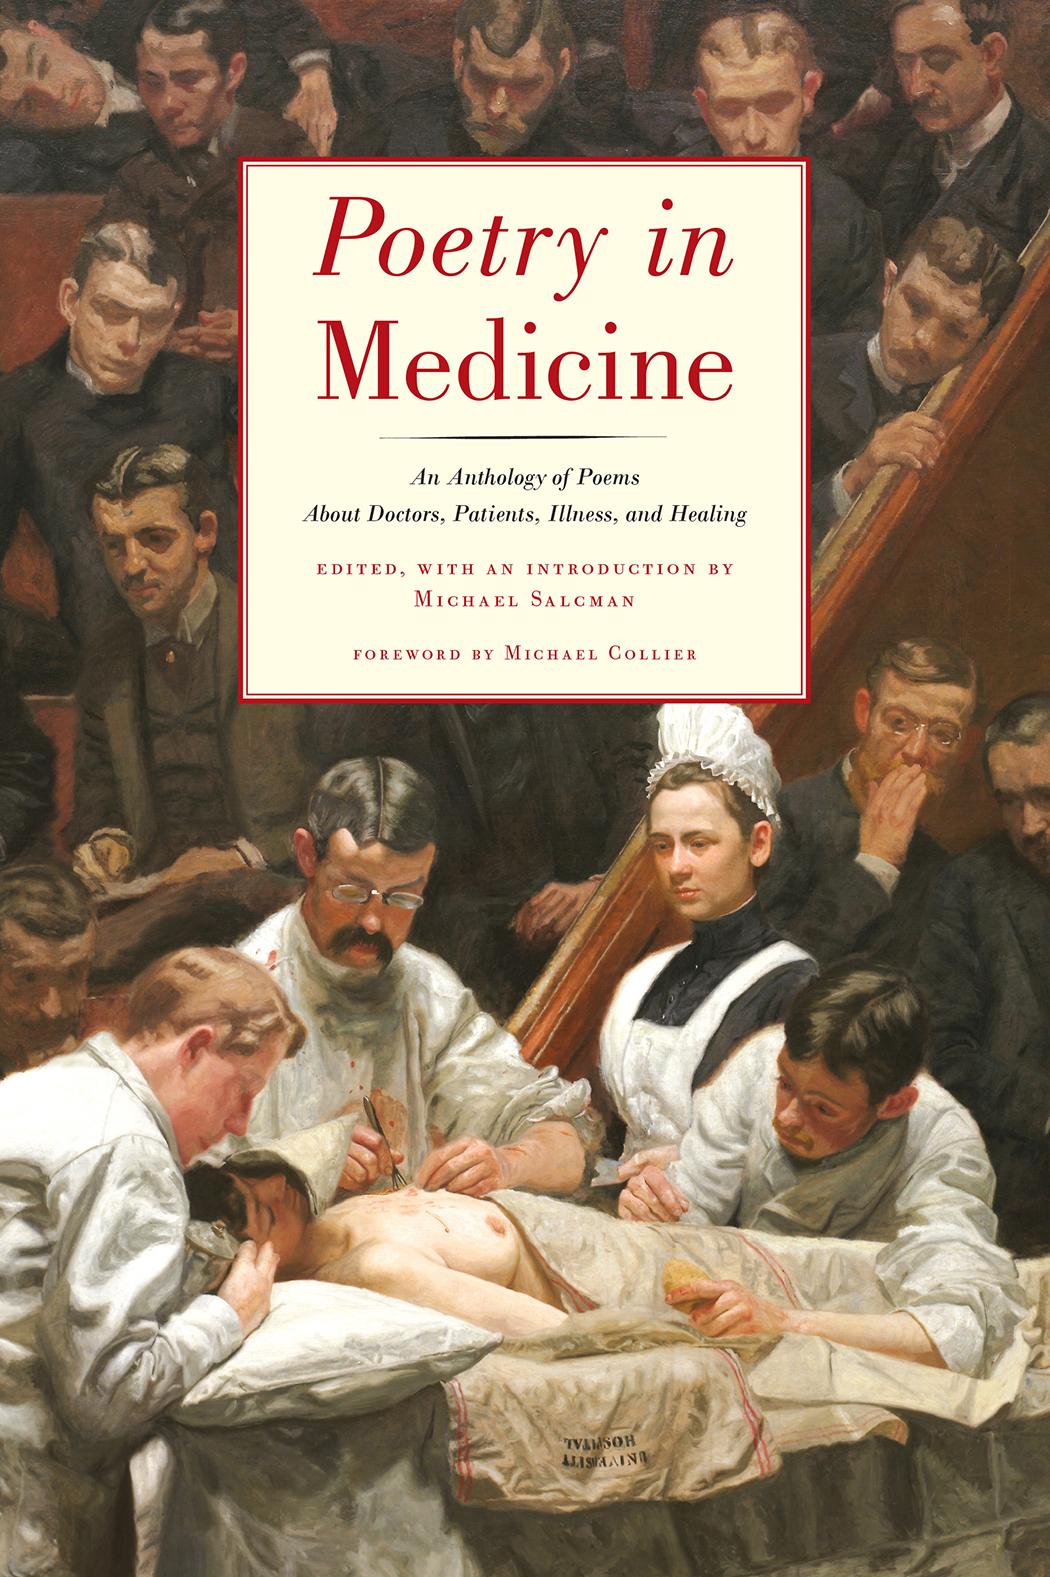 Poetry in Medicine.jpg